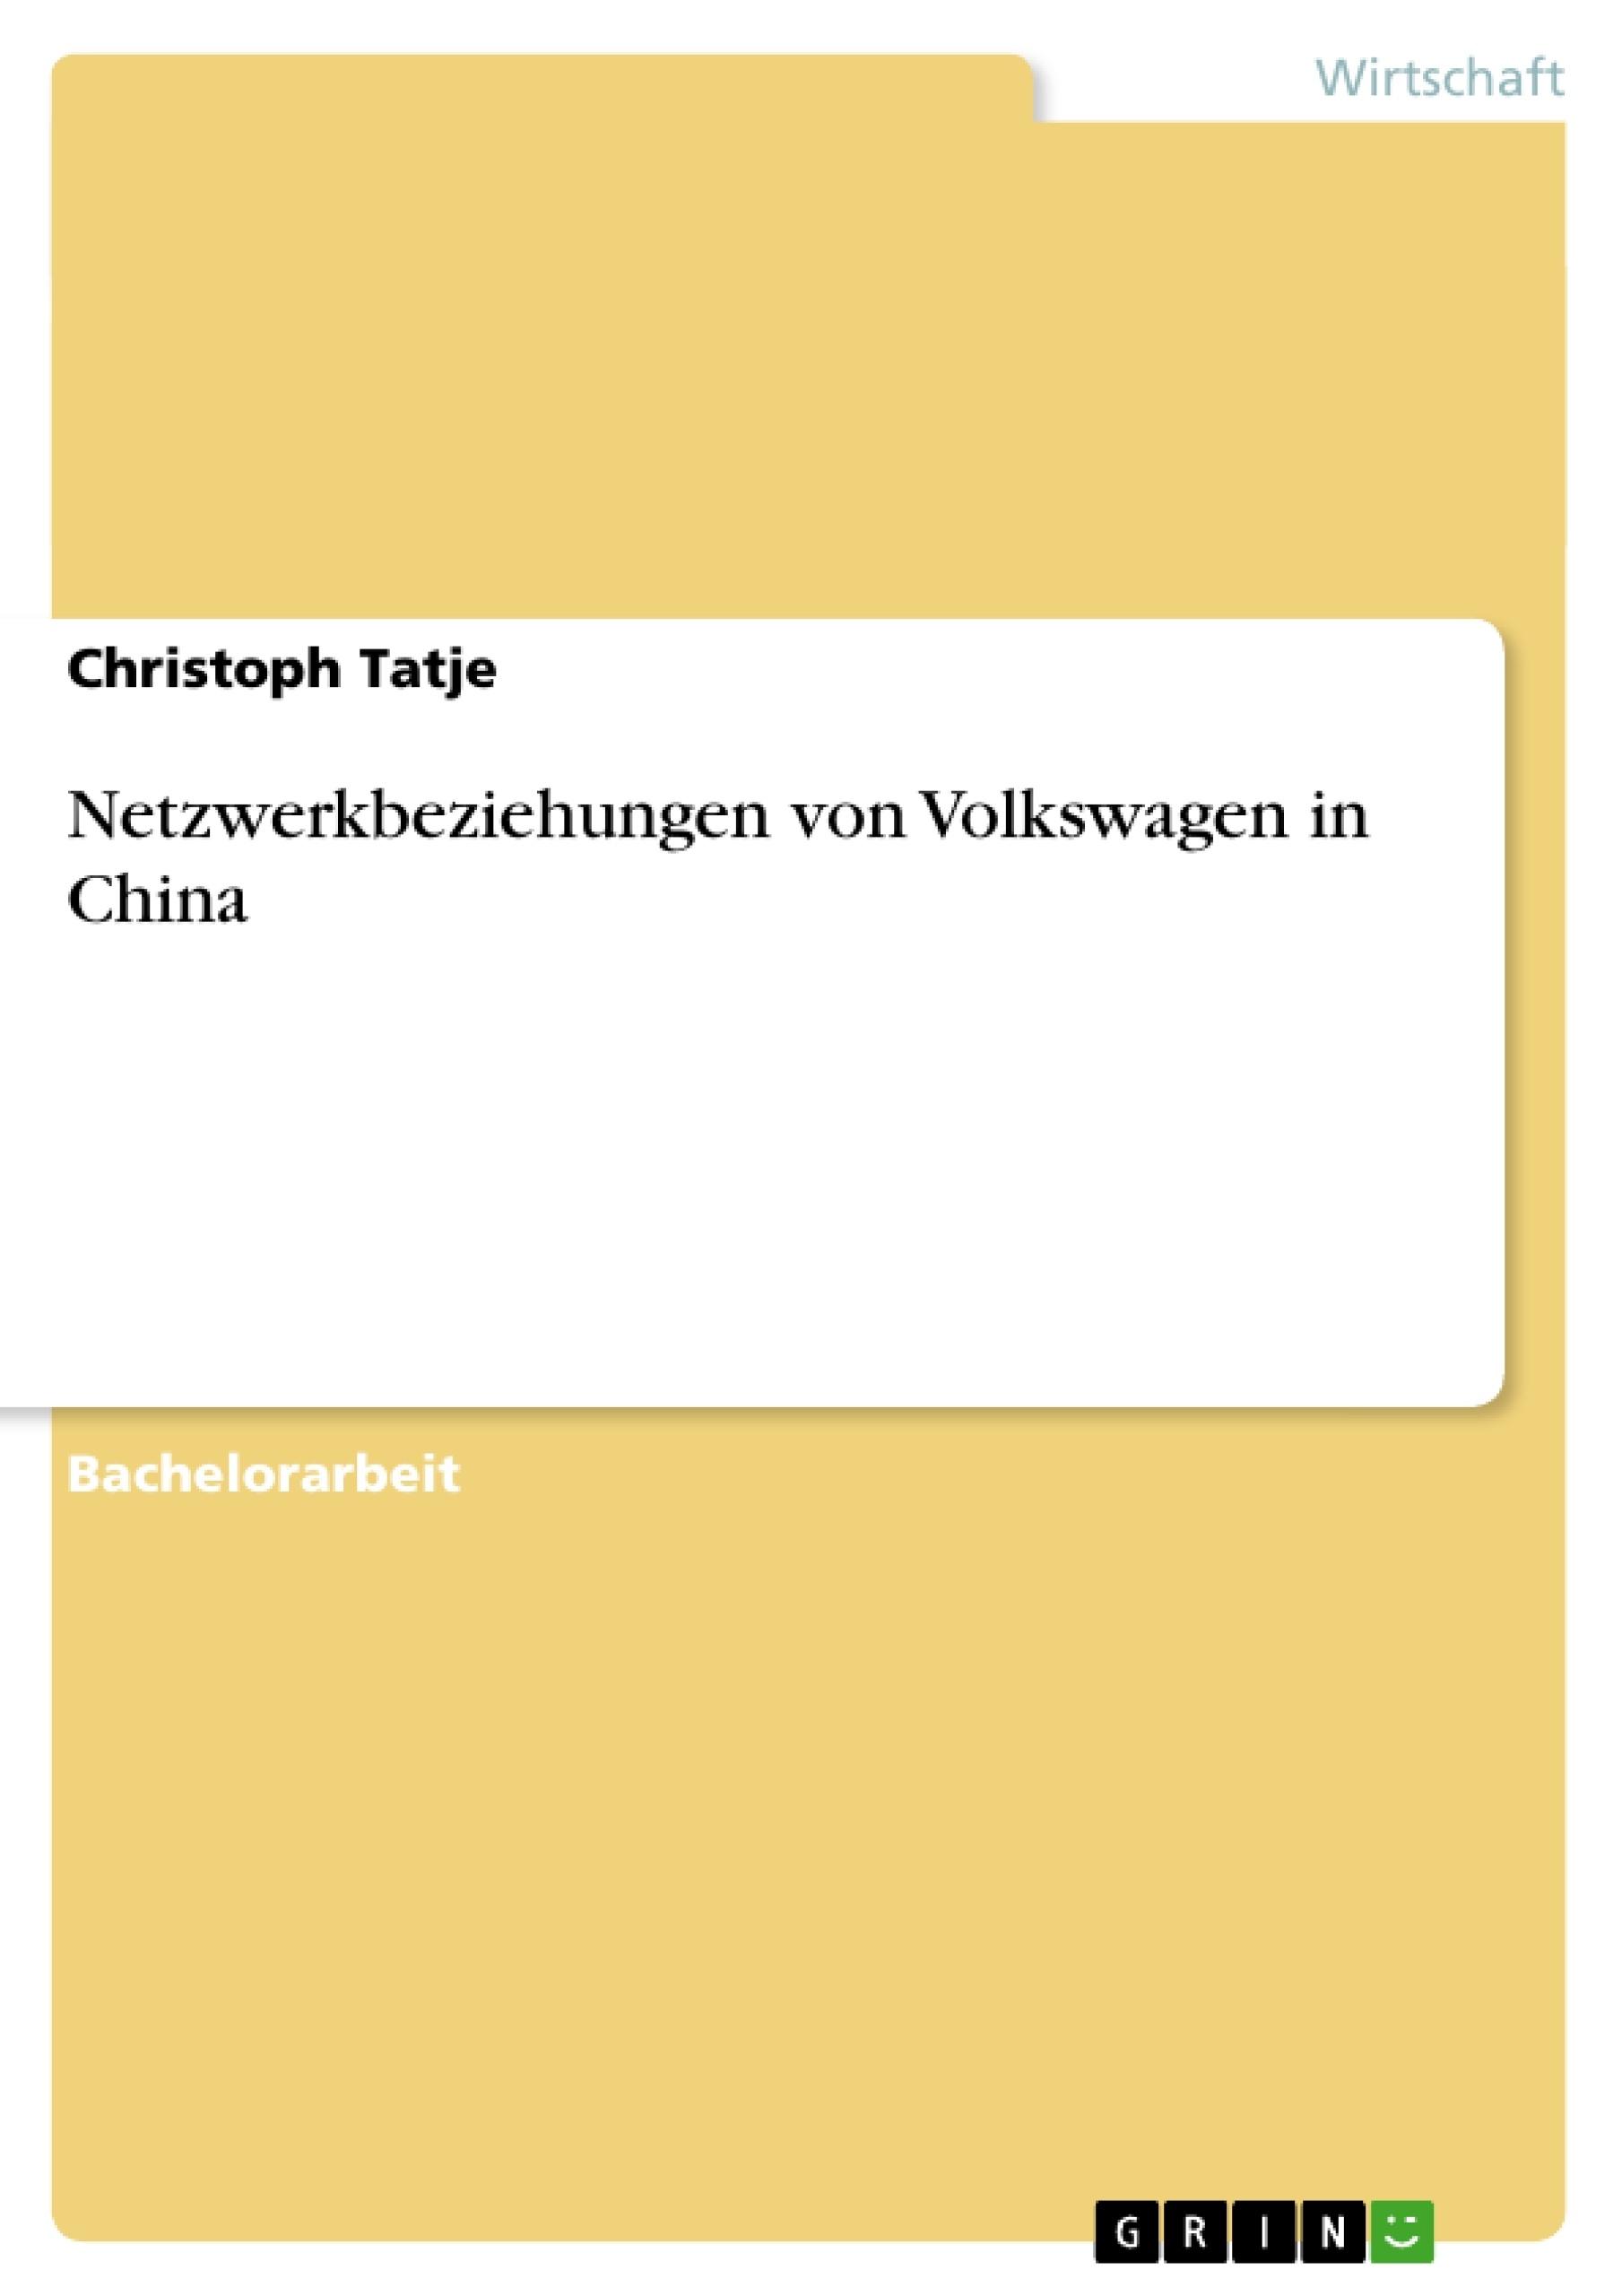 Titel: Netzwerkbeziehungen von Volkswagen in China